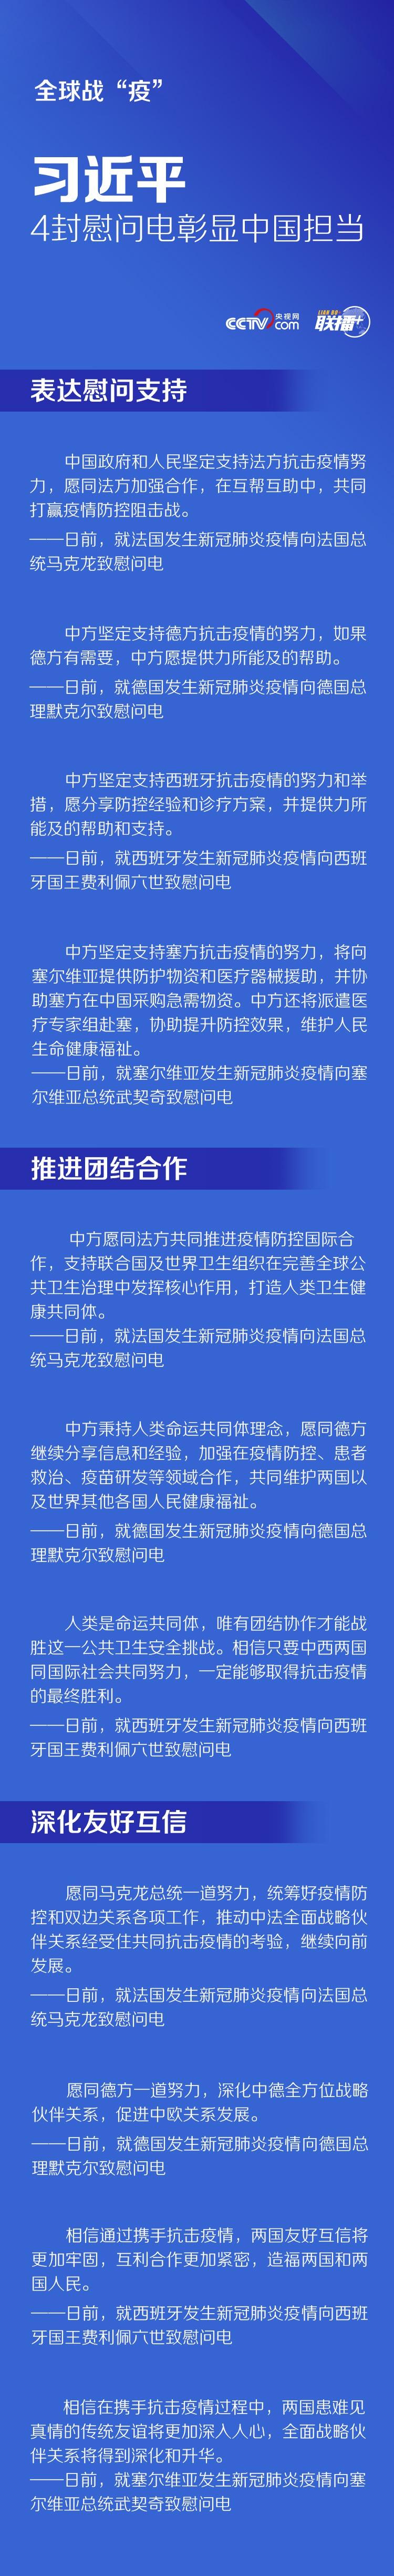 """全球战""""疫"""" 习近平4封慰问电彰显中国担当图片"""